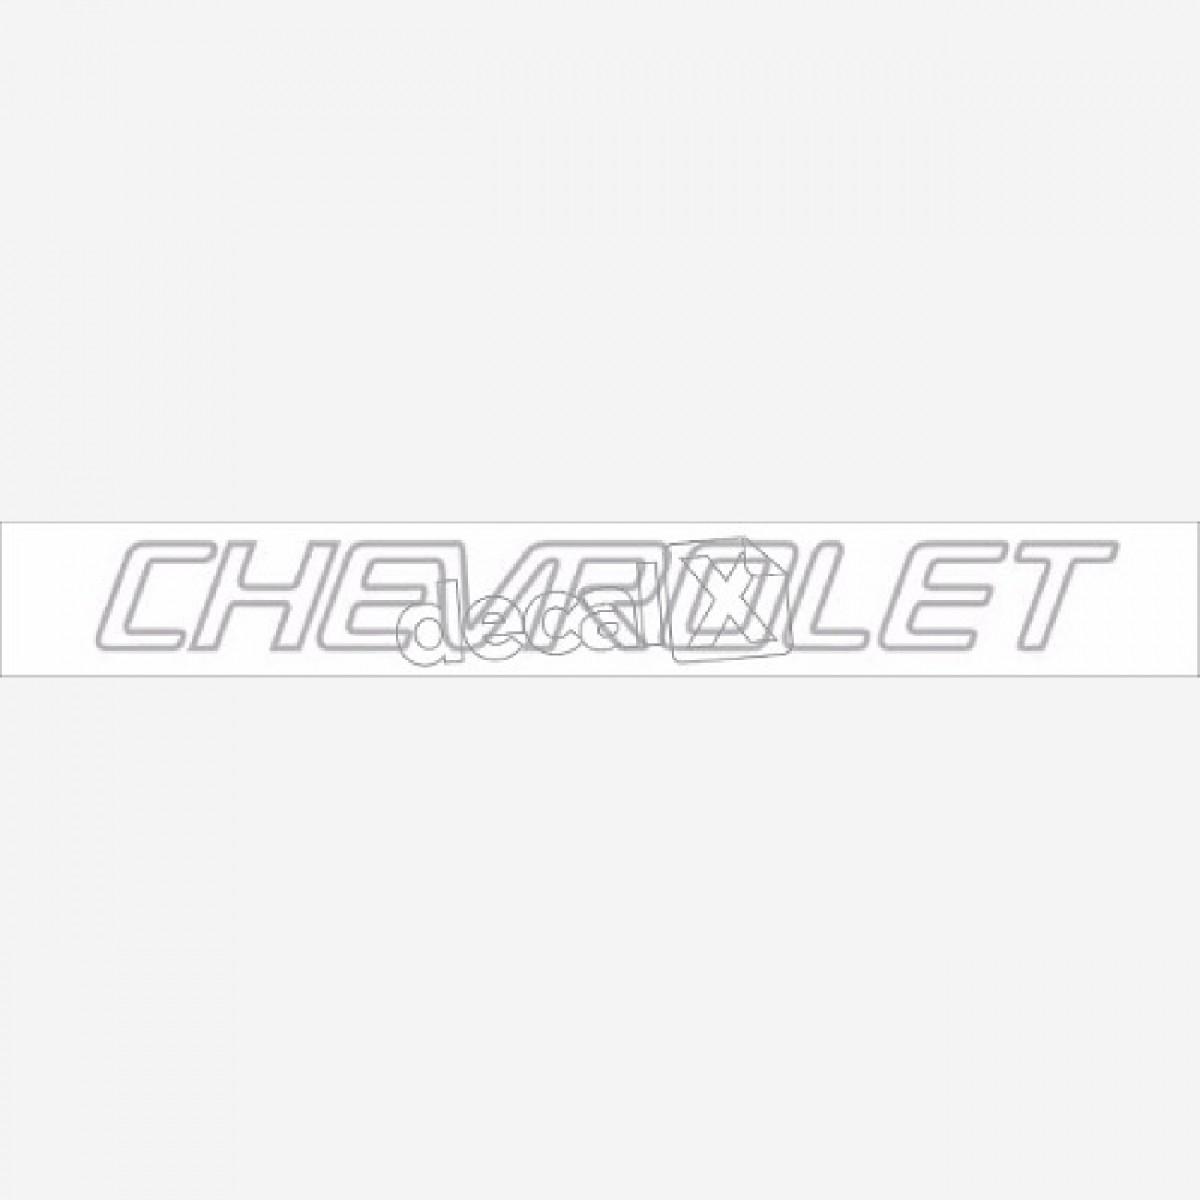 Adesivo Chevrolet Traseiro S10 Prata S10023